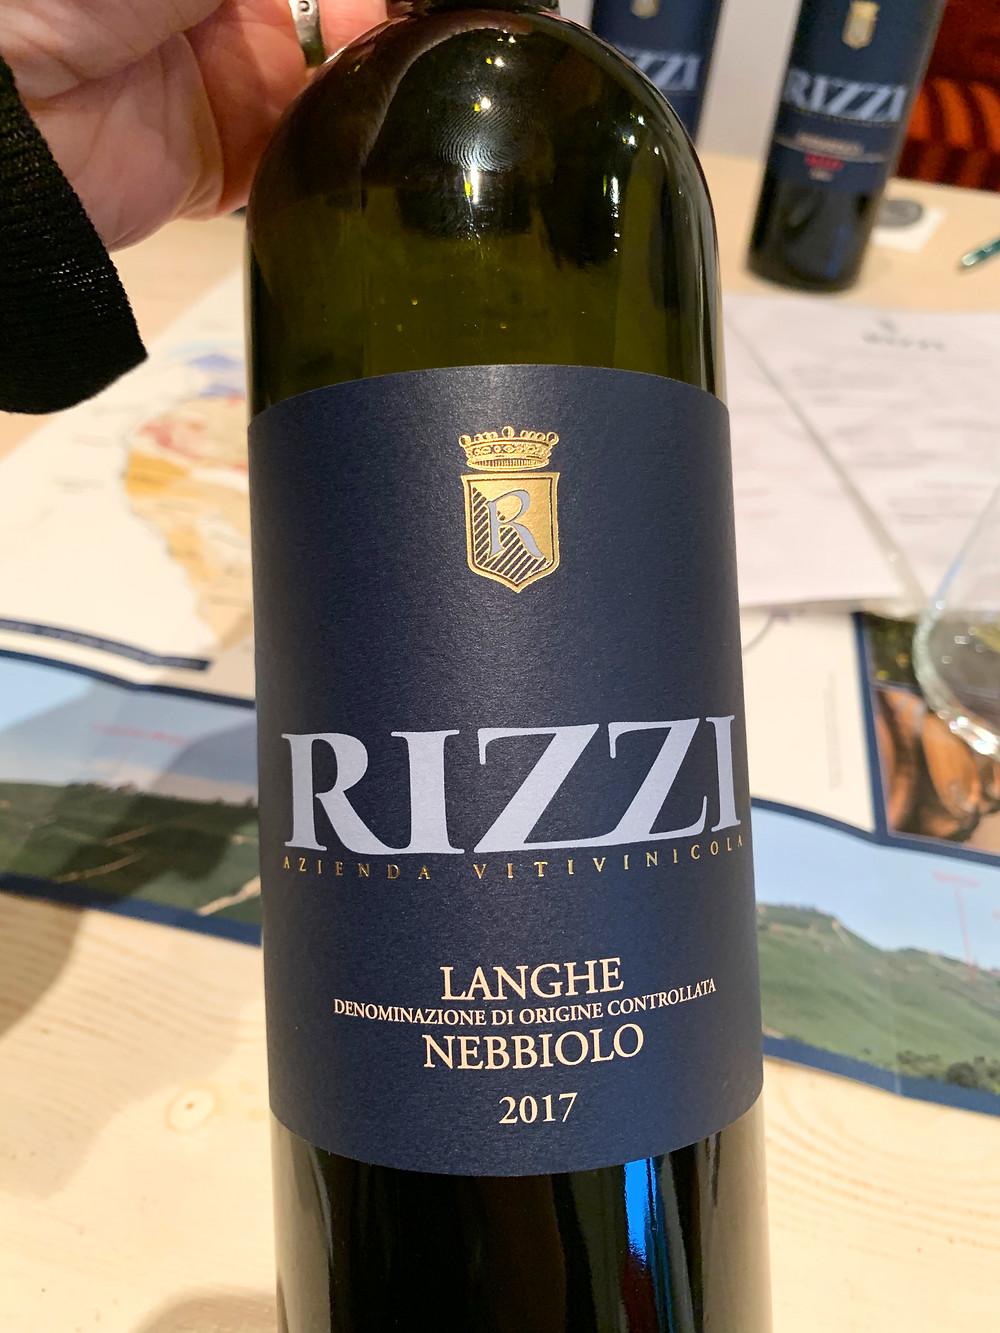 Rizzi, Barbaresco, Piemonte